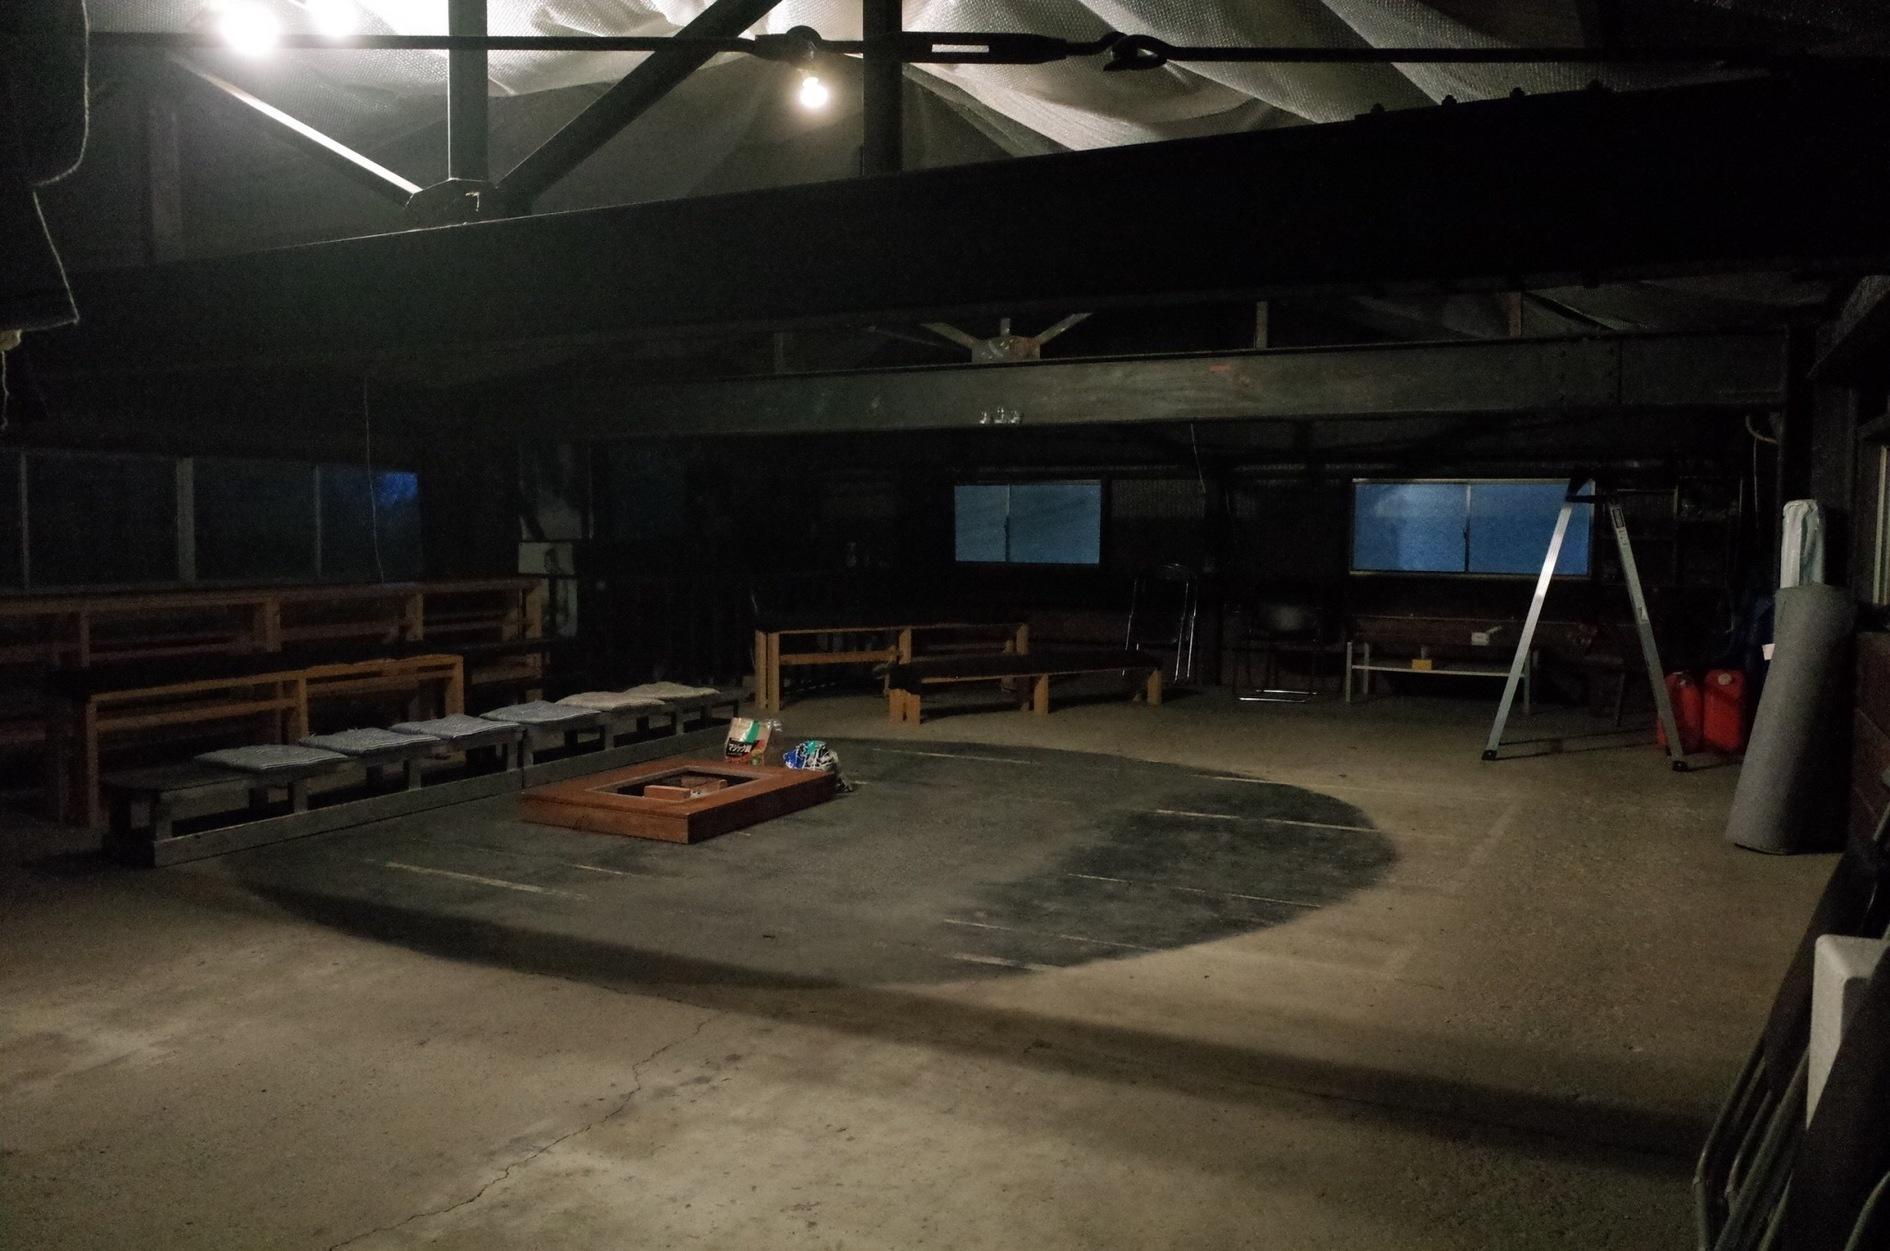 演劇、試写会、ダンス、ライブ 下町のクリエイティブなレンタルスペース!!KISYURYURI THEATER(KISYURYU THEATER&BAR) の写真0